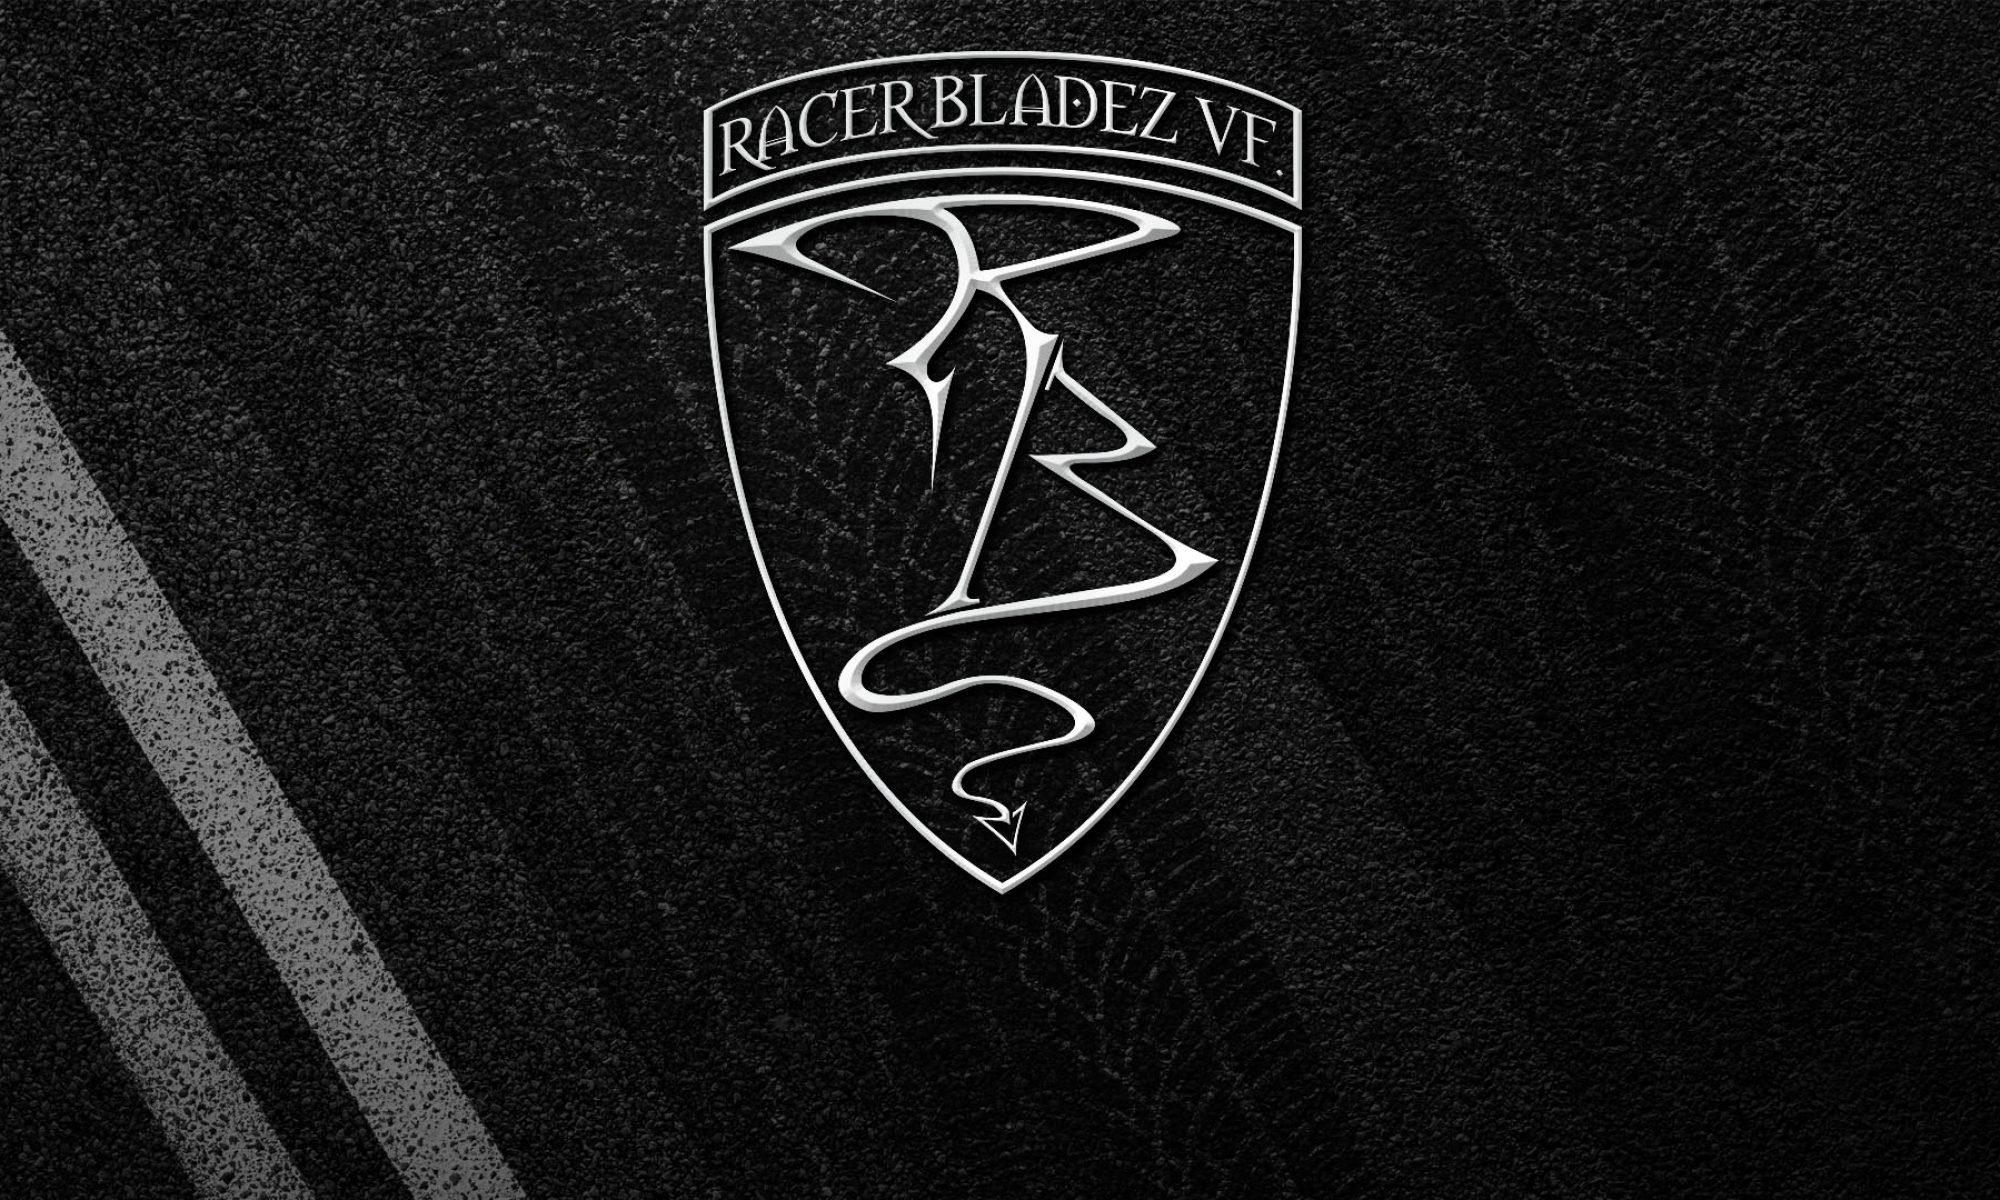 Racer Bladez VF.